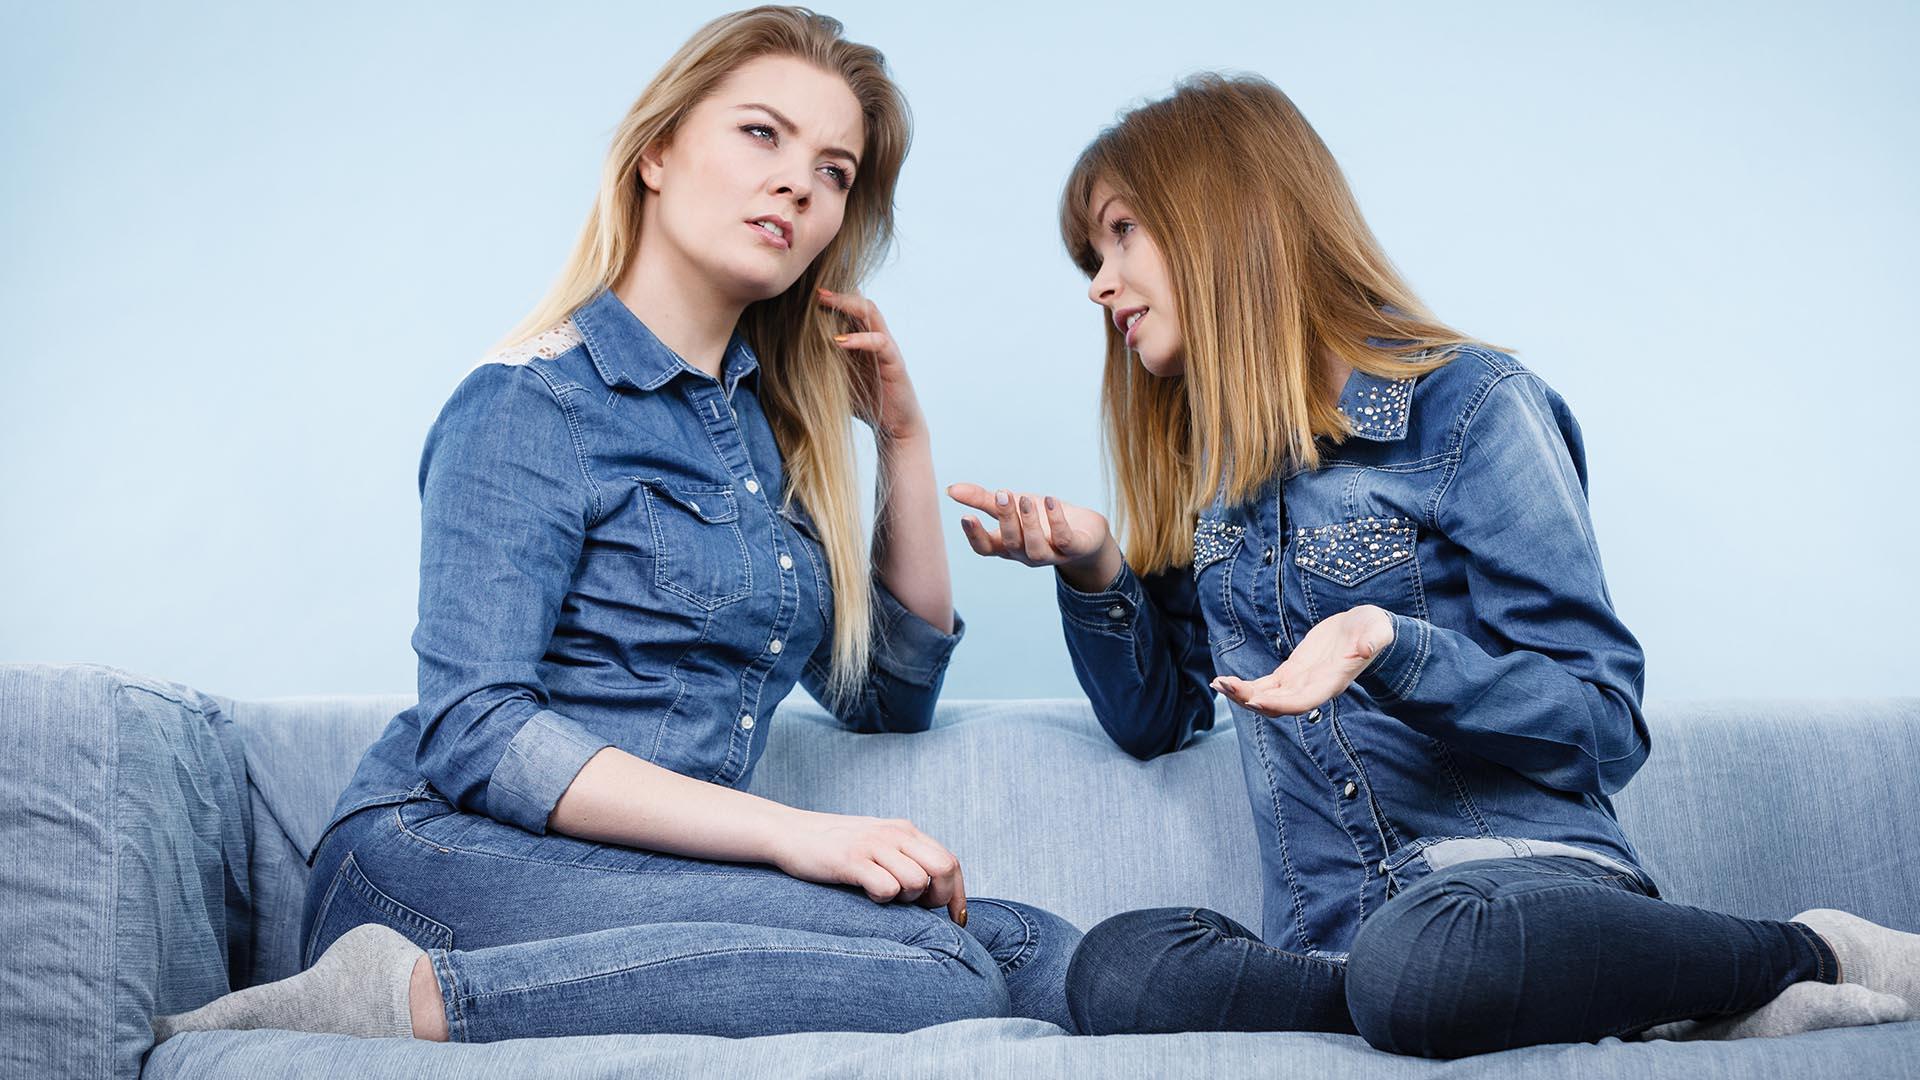 dr. belső nóra egészségtelen barátság energia humor kritizálás pszichiáter siker személyiségtípusok tisztelet ványik dóra verseny